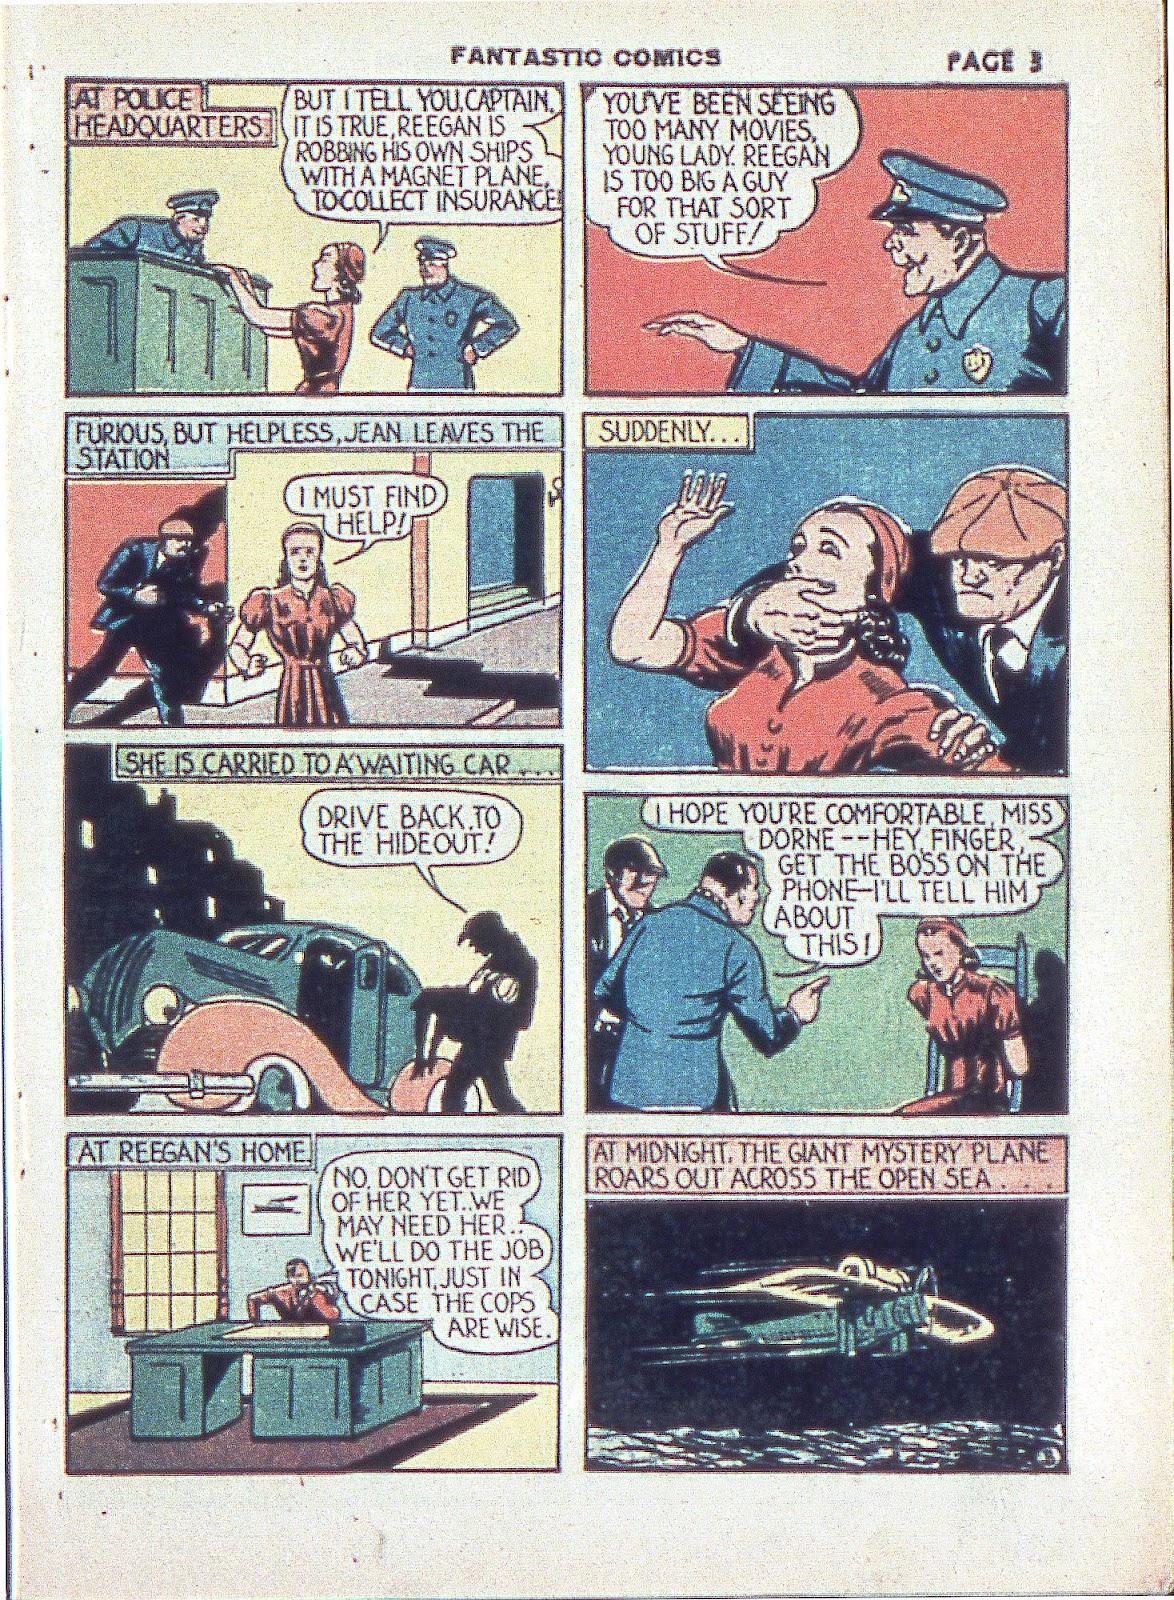 Read online Fantastic Comics comic -  Issue #3 - 6